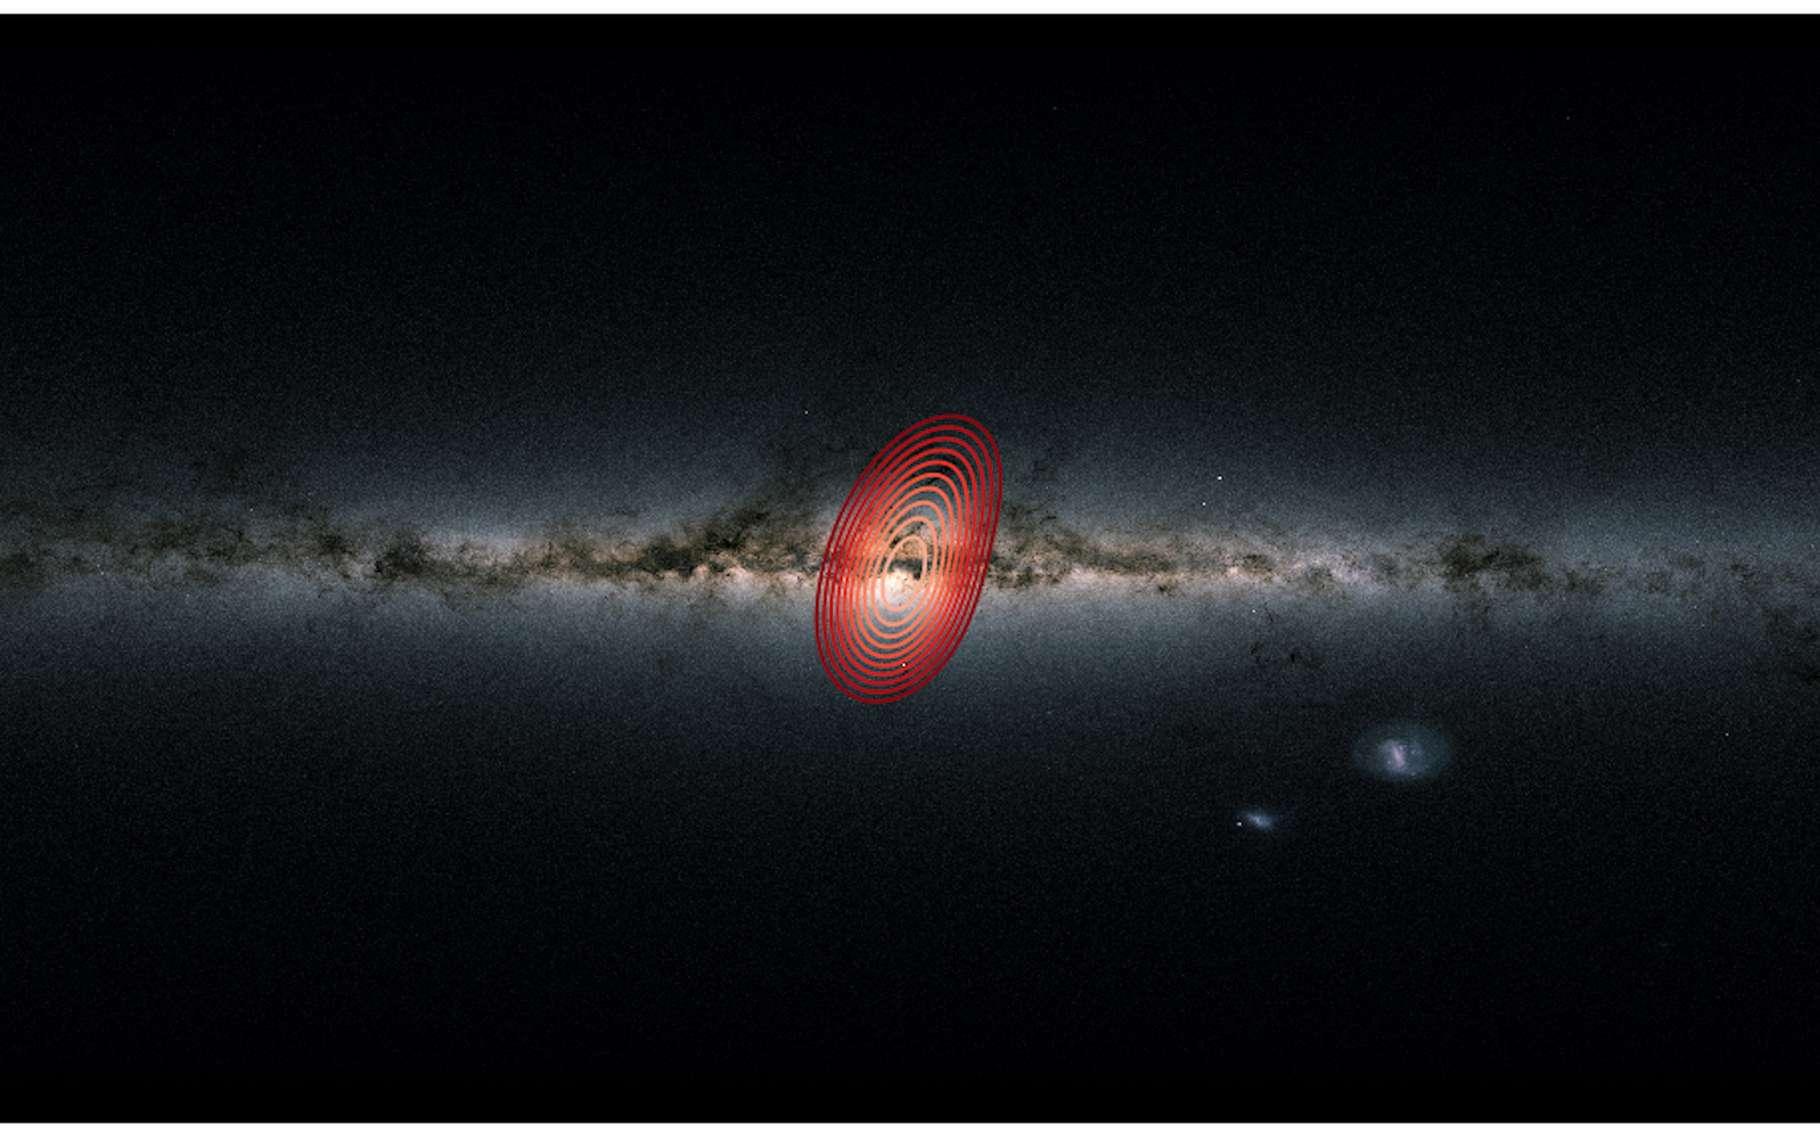 La Voie lactée telle que l'on peut la voir depuis la Terre. Les anneaux colorés montrent l'étendue approximative des étoiles issues d'une galaxie fossile que les astronomes ont baptisée Héraclès. © Danny Horta-Darrington, Université John Moores de Liverpool, ESA, Gaia et SDSS